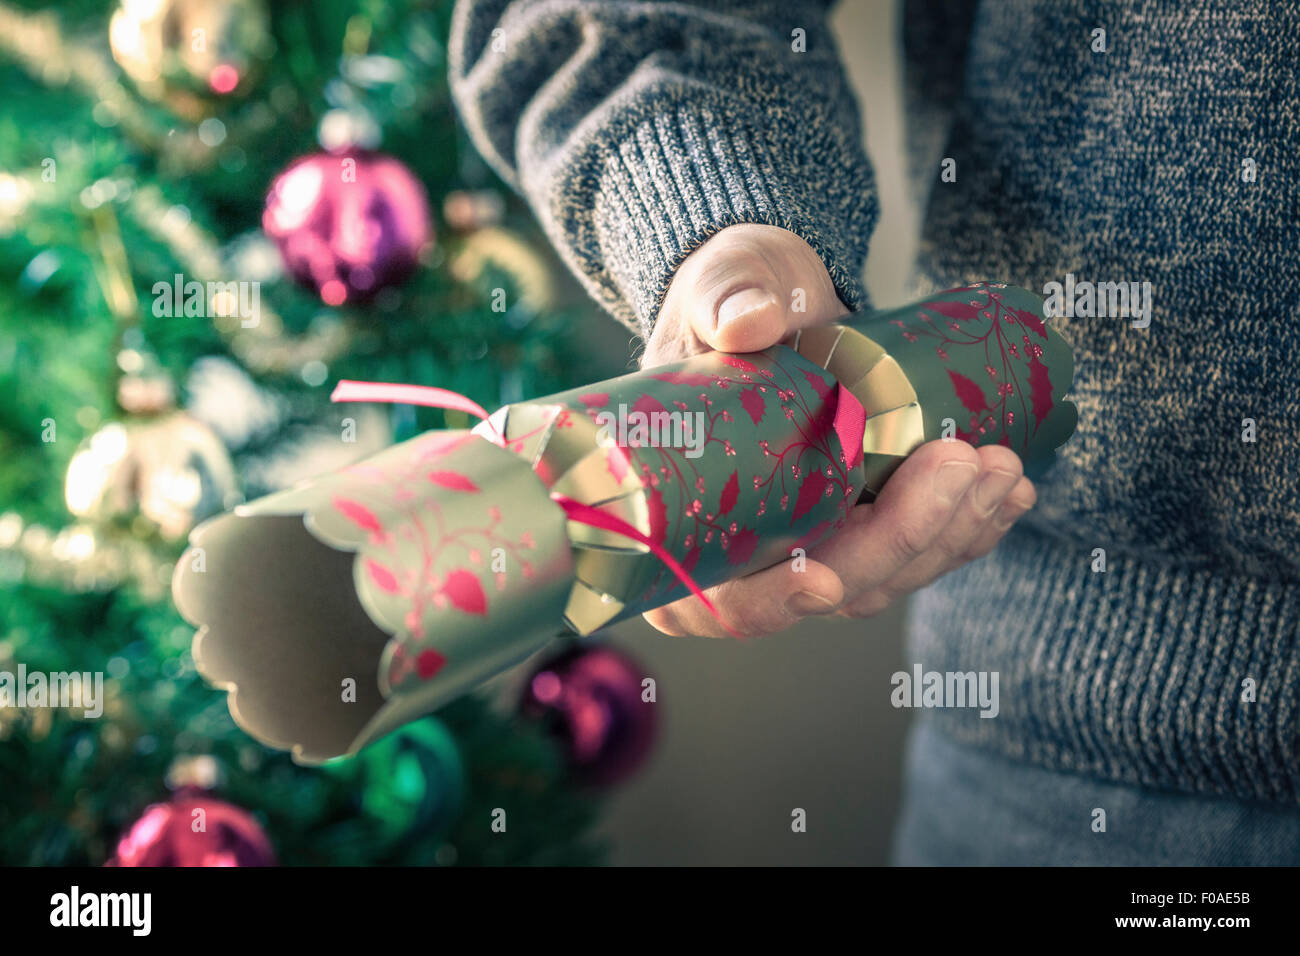 Persona sosteniendo el cracker de Navidad Imagen De Stock